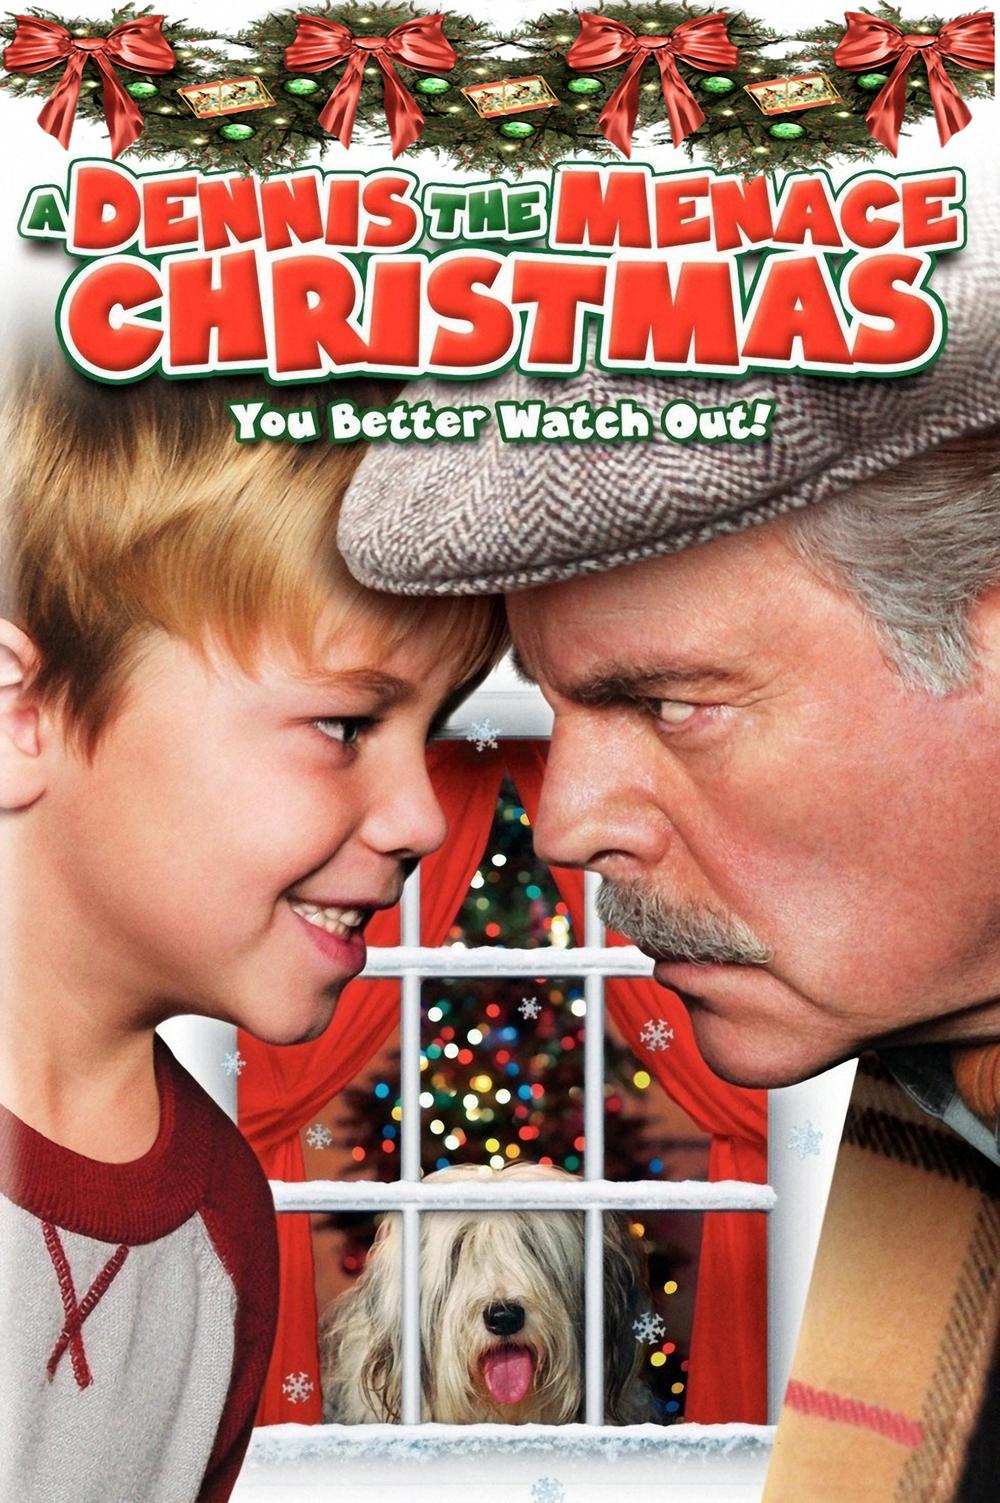 affiche du film A Dennis the Menace Christmas